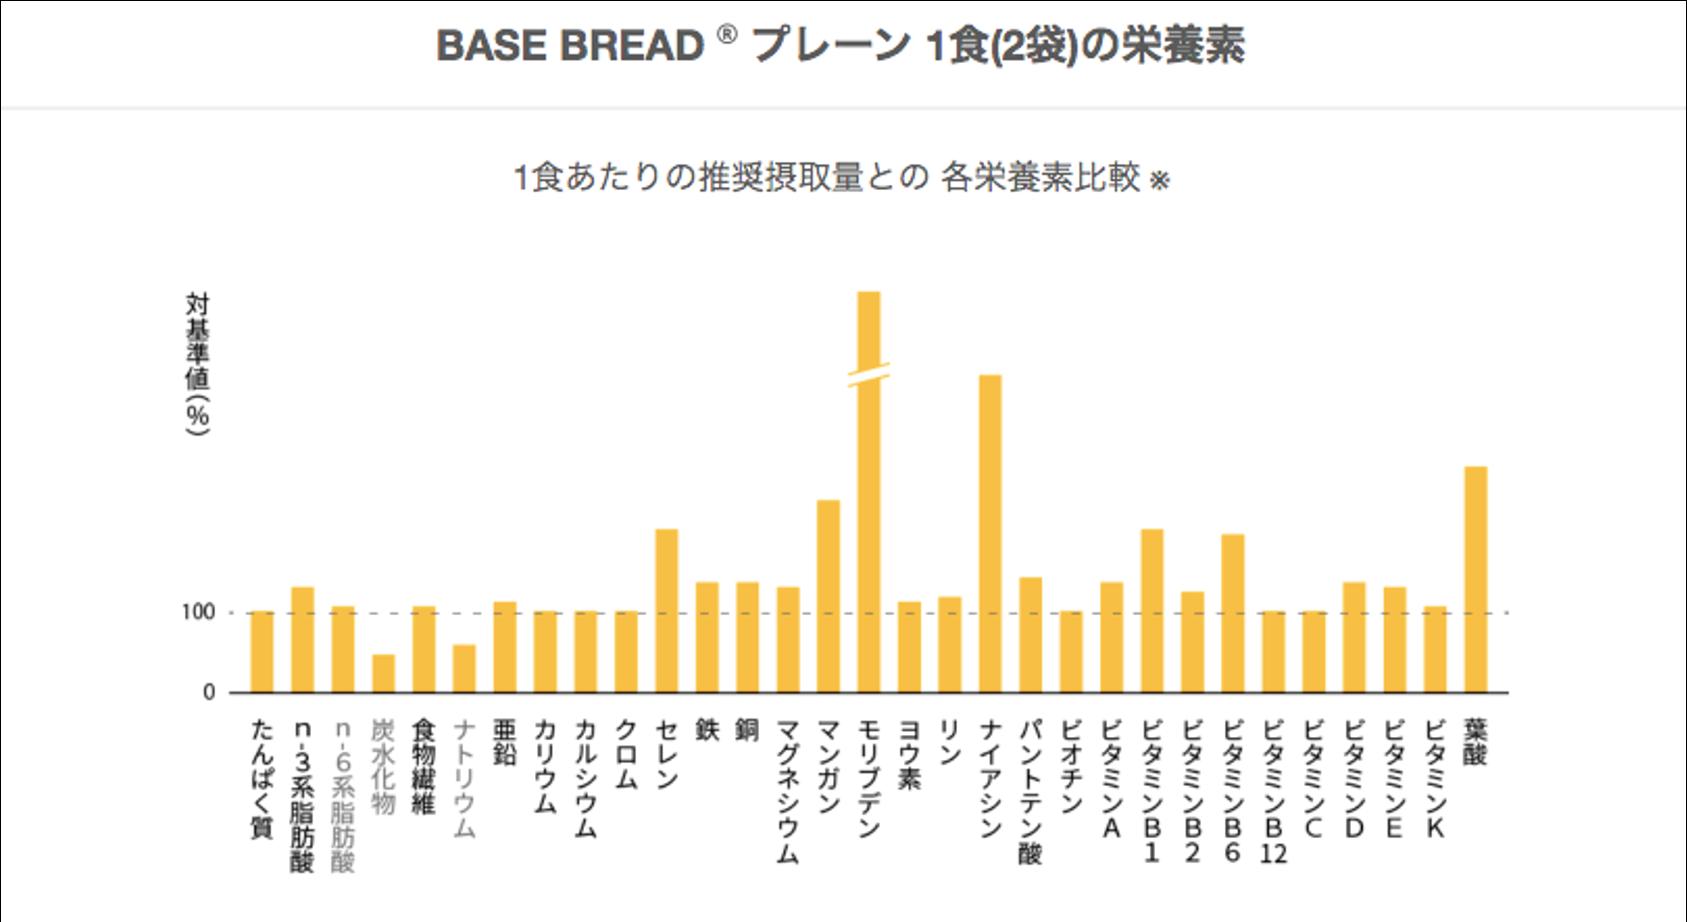 ベースブレッド栄養グラフ